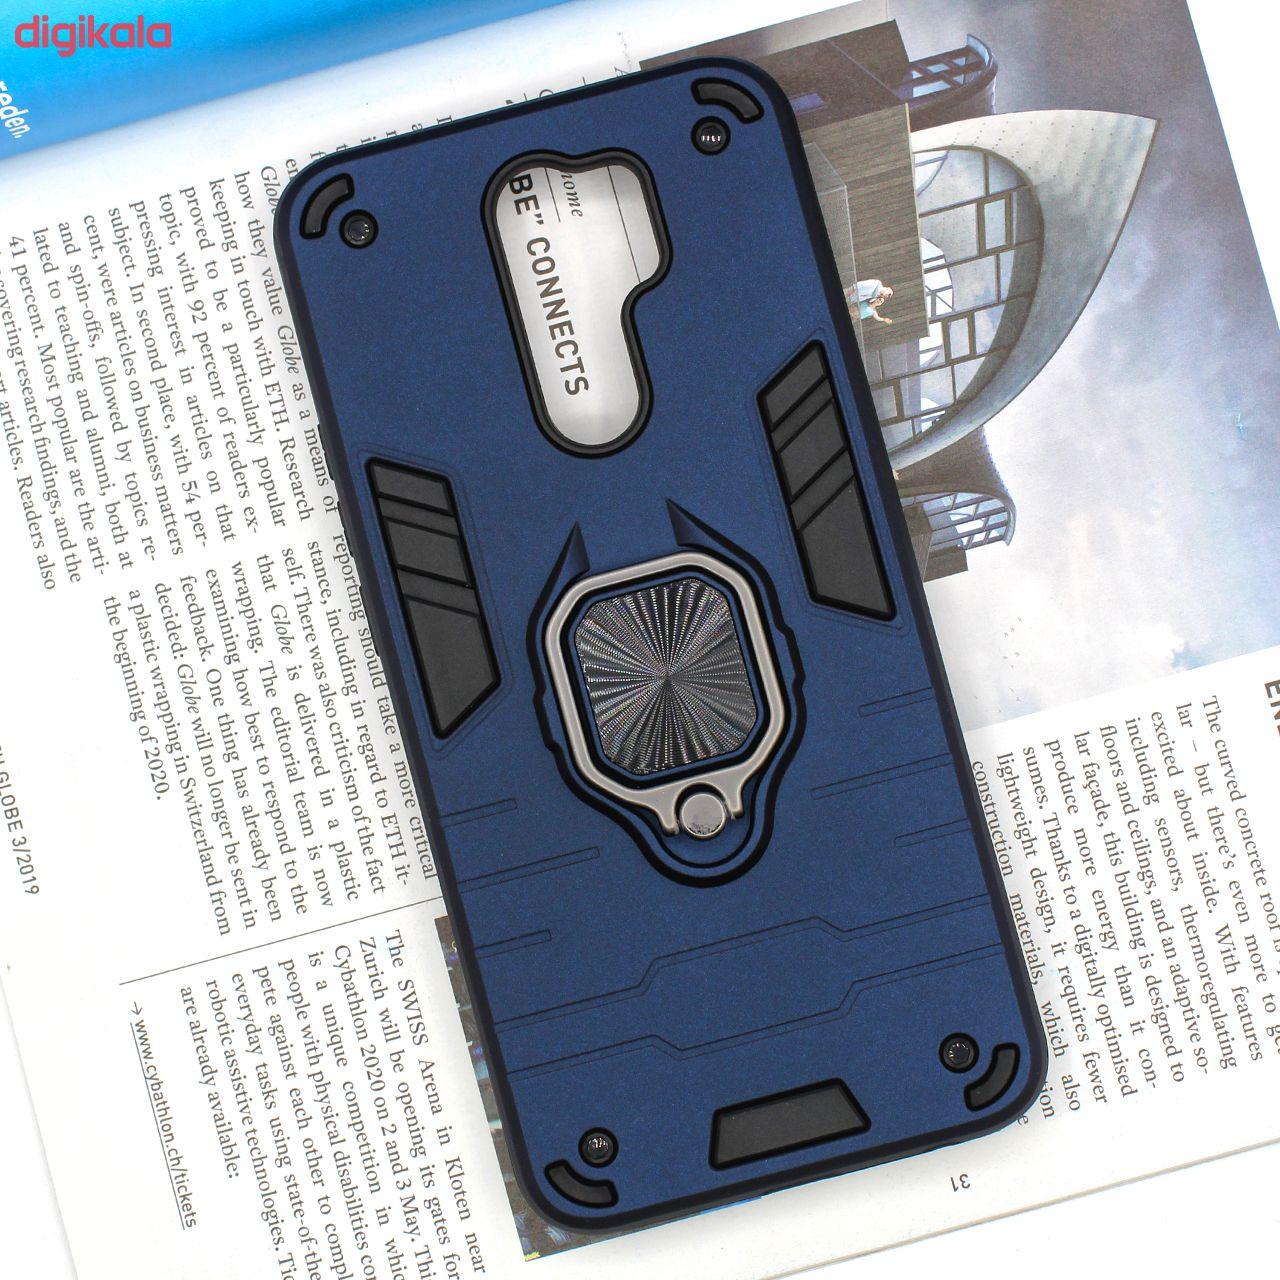 کاور کینگ پاور مدل ASH22 مناسب برای گوشی موبایل شیائومی Redmi 9 / Redmi 9 Prime main 1 13